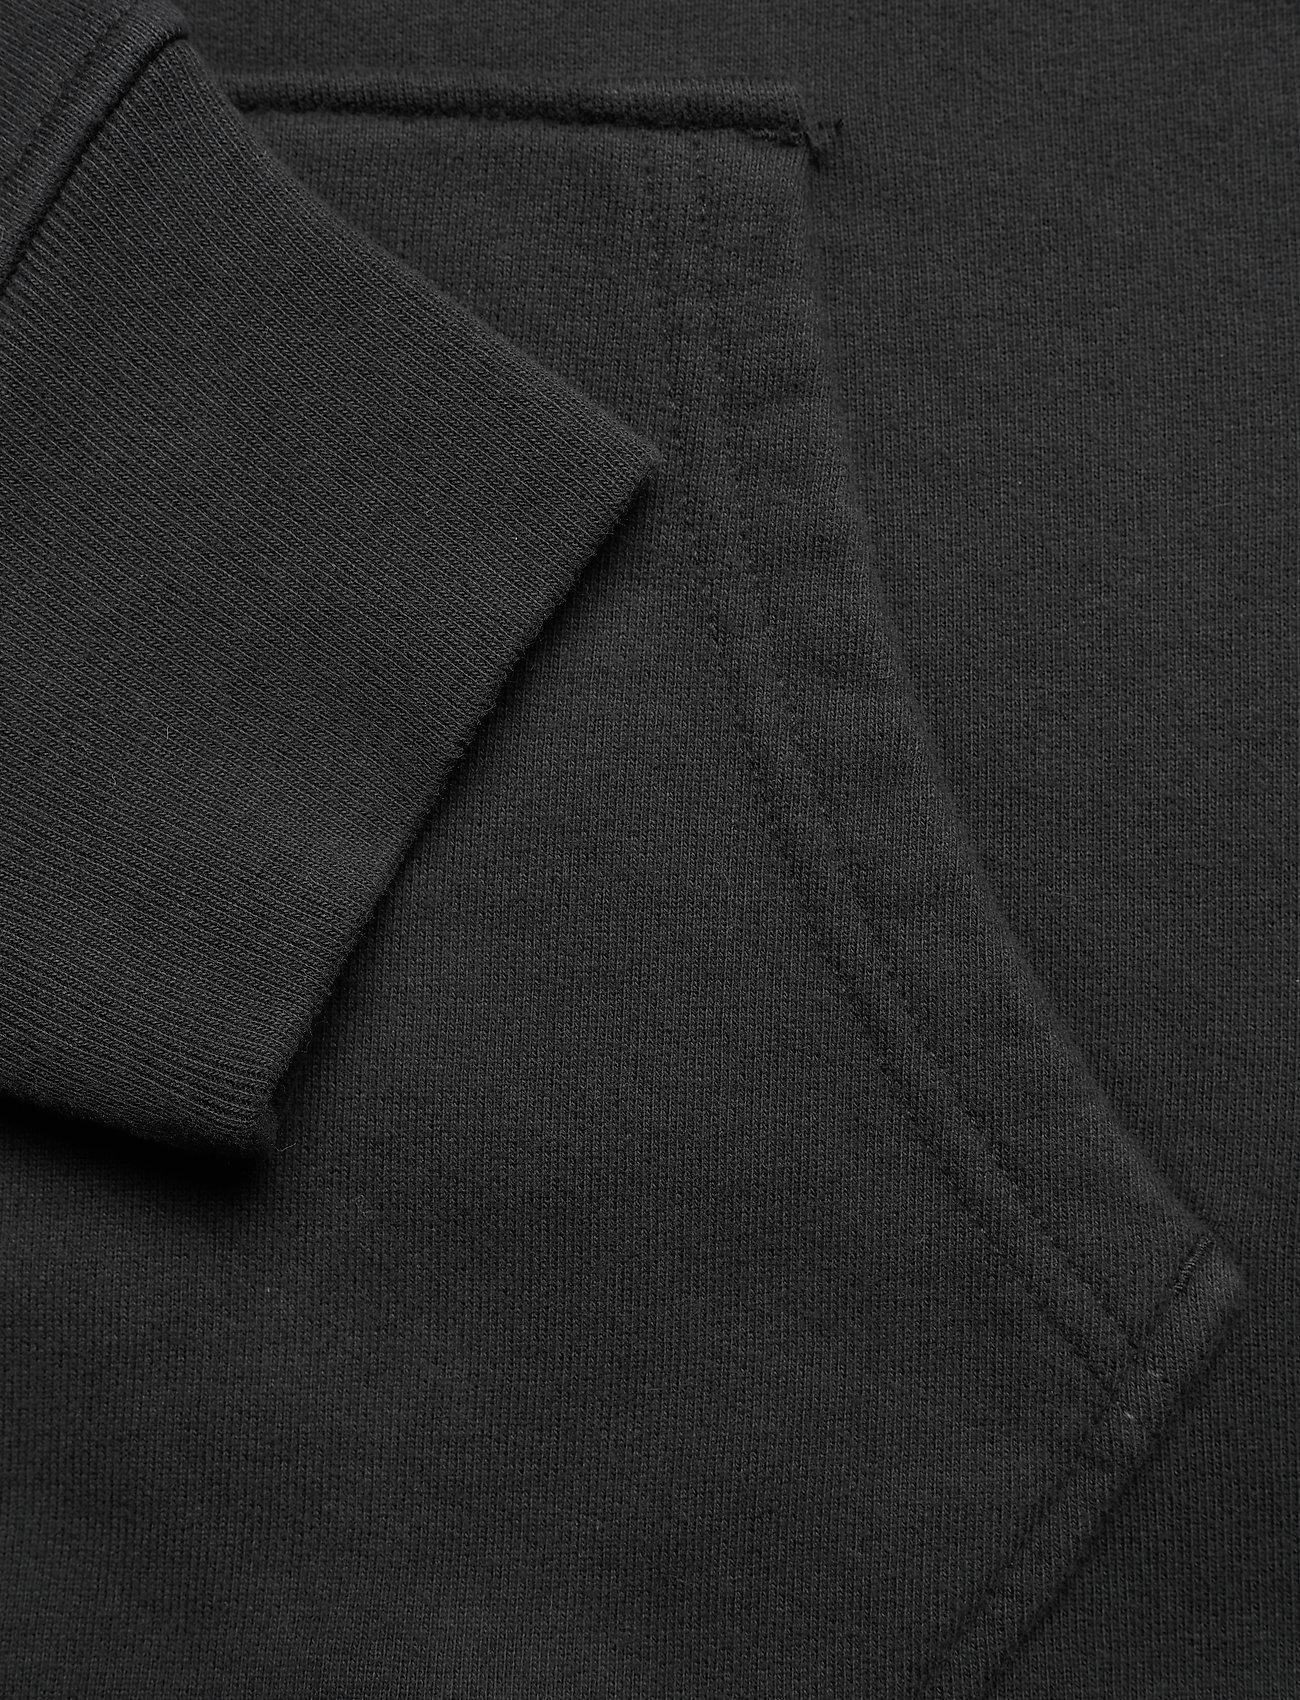 LEVI´S Men - T2 RELAXED GRAPHIC PO MV LOGO - bluzy z kapturem - blacks - 3